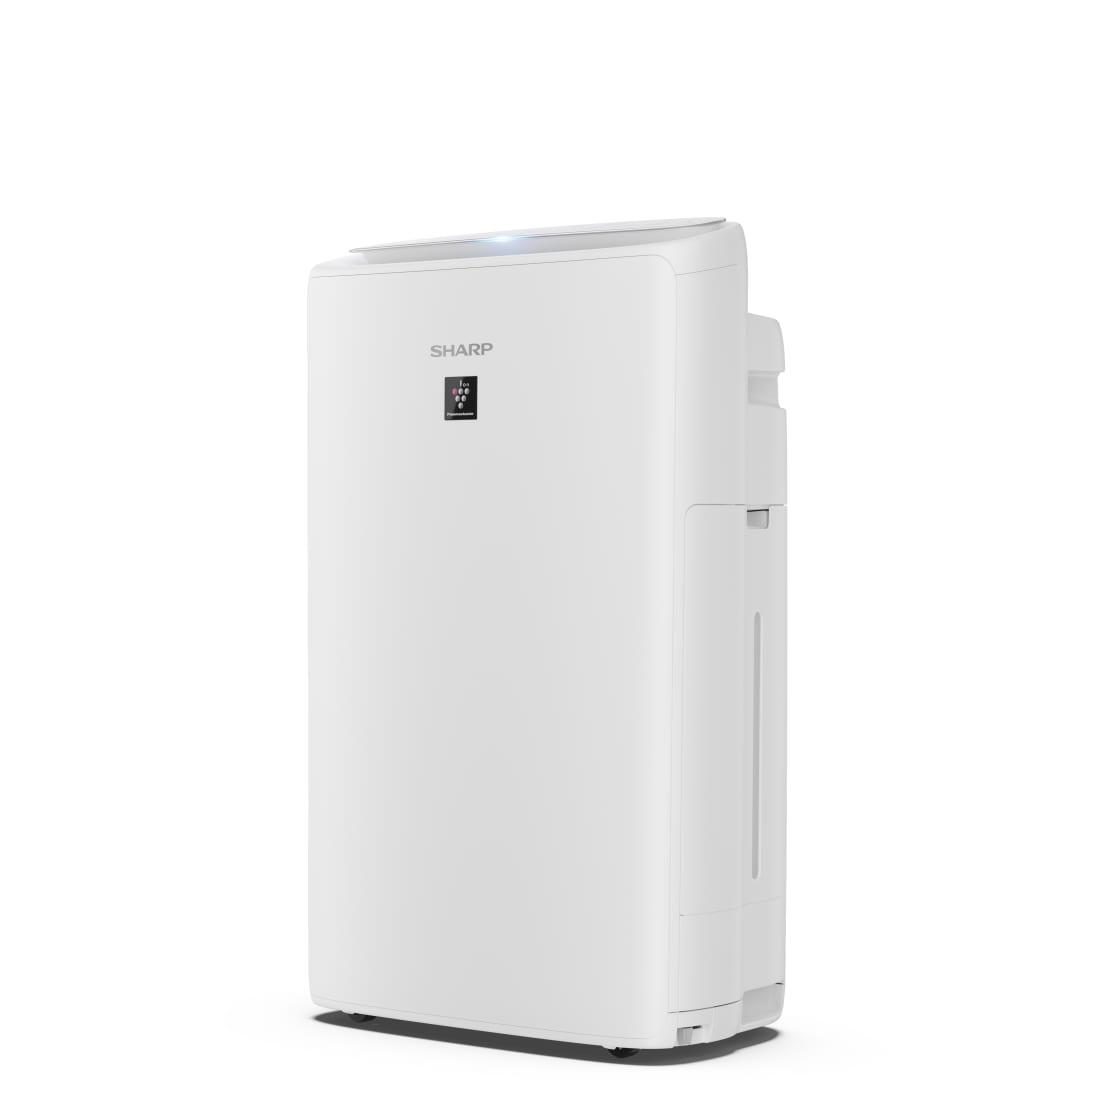 Oczyszczacz powietrza - *TV Updating...